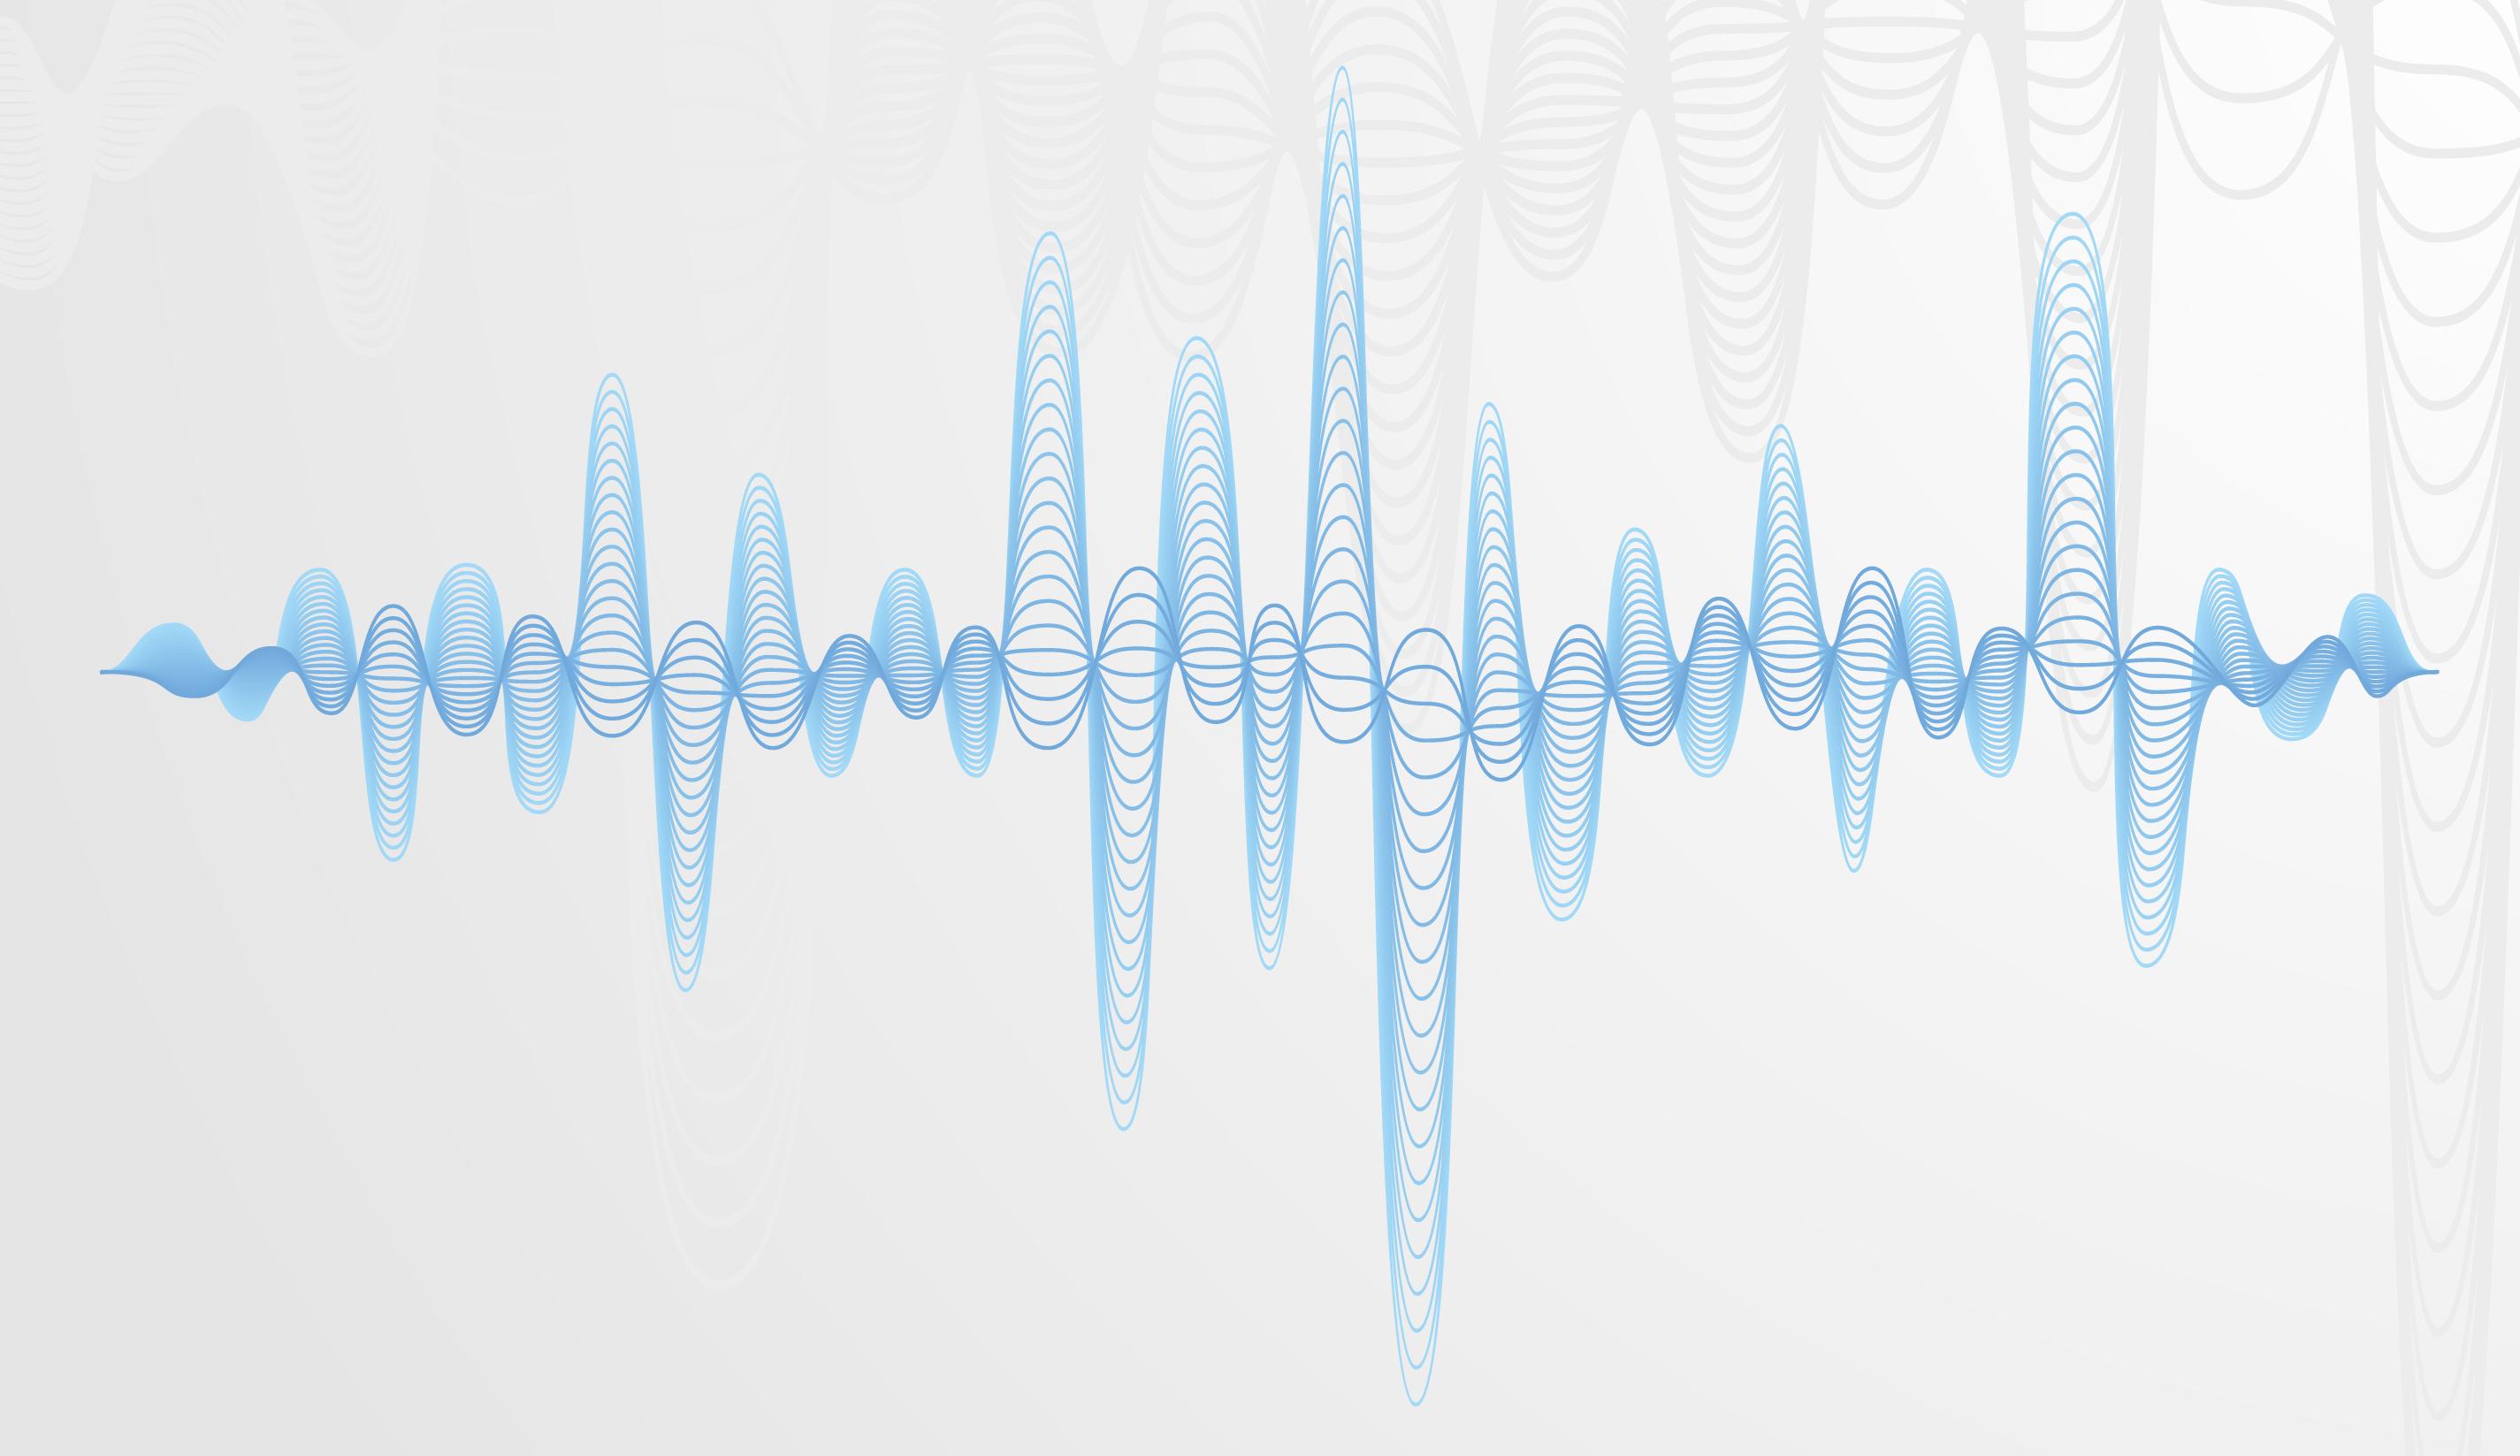 オーディオインターフェイス iOSでの音楽制作